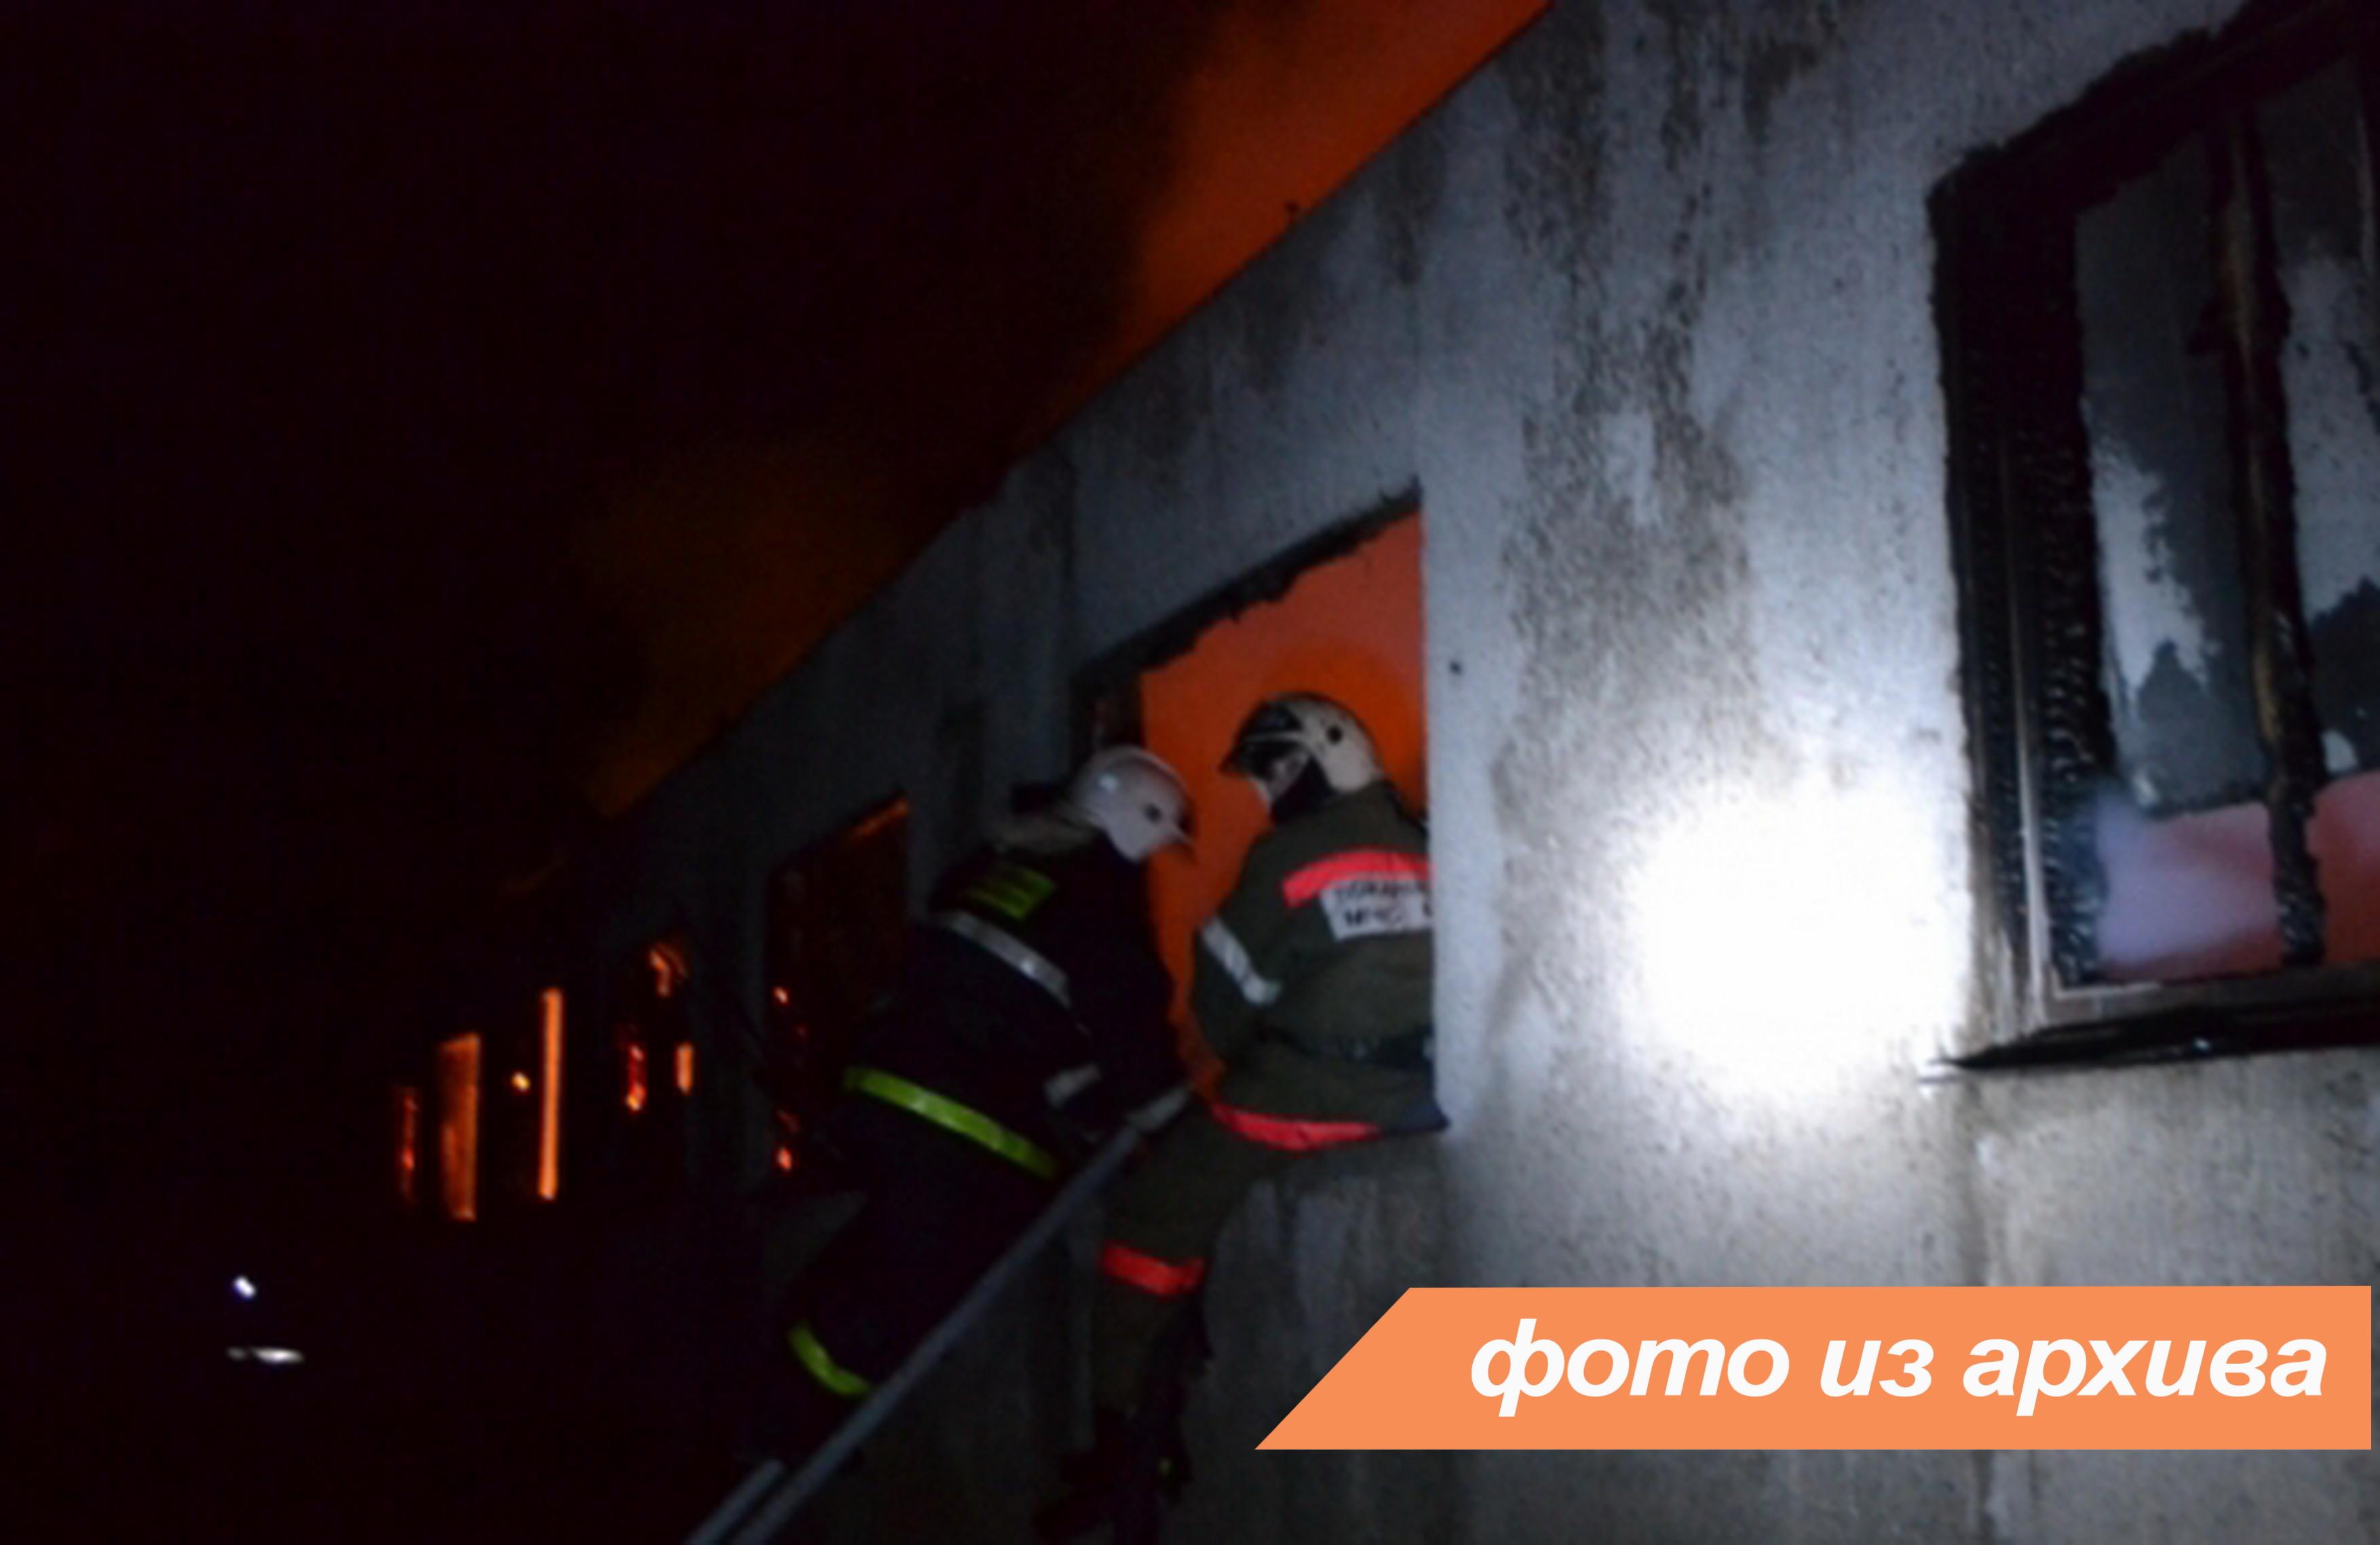 Пожарно-спасательное подразделение Ленинградской области ликвидировало пожар в г. Волхов